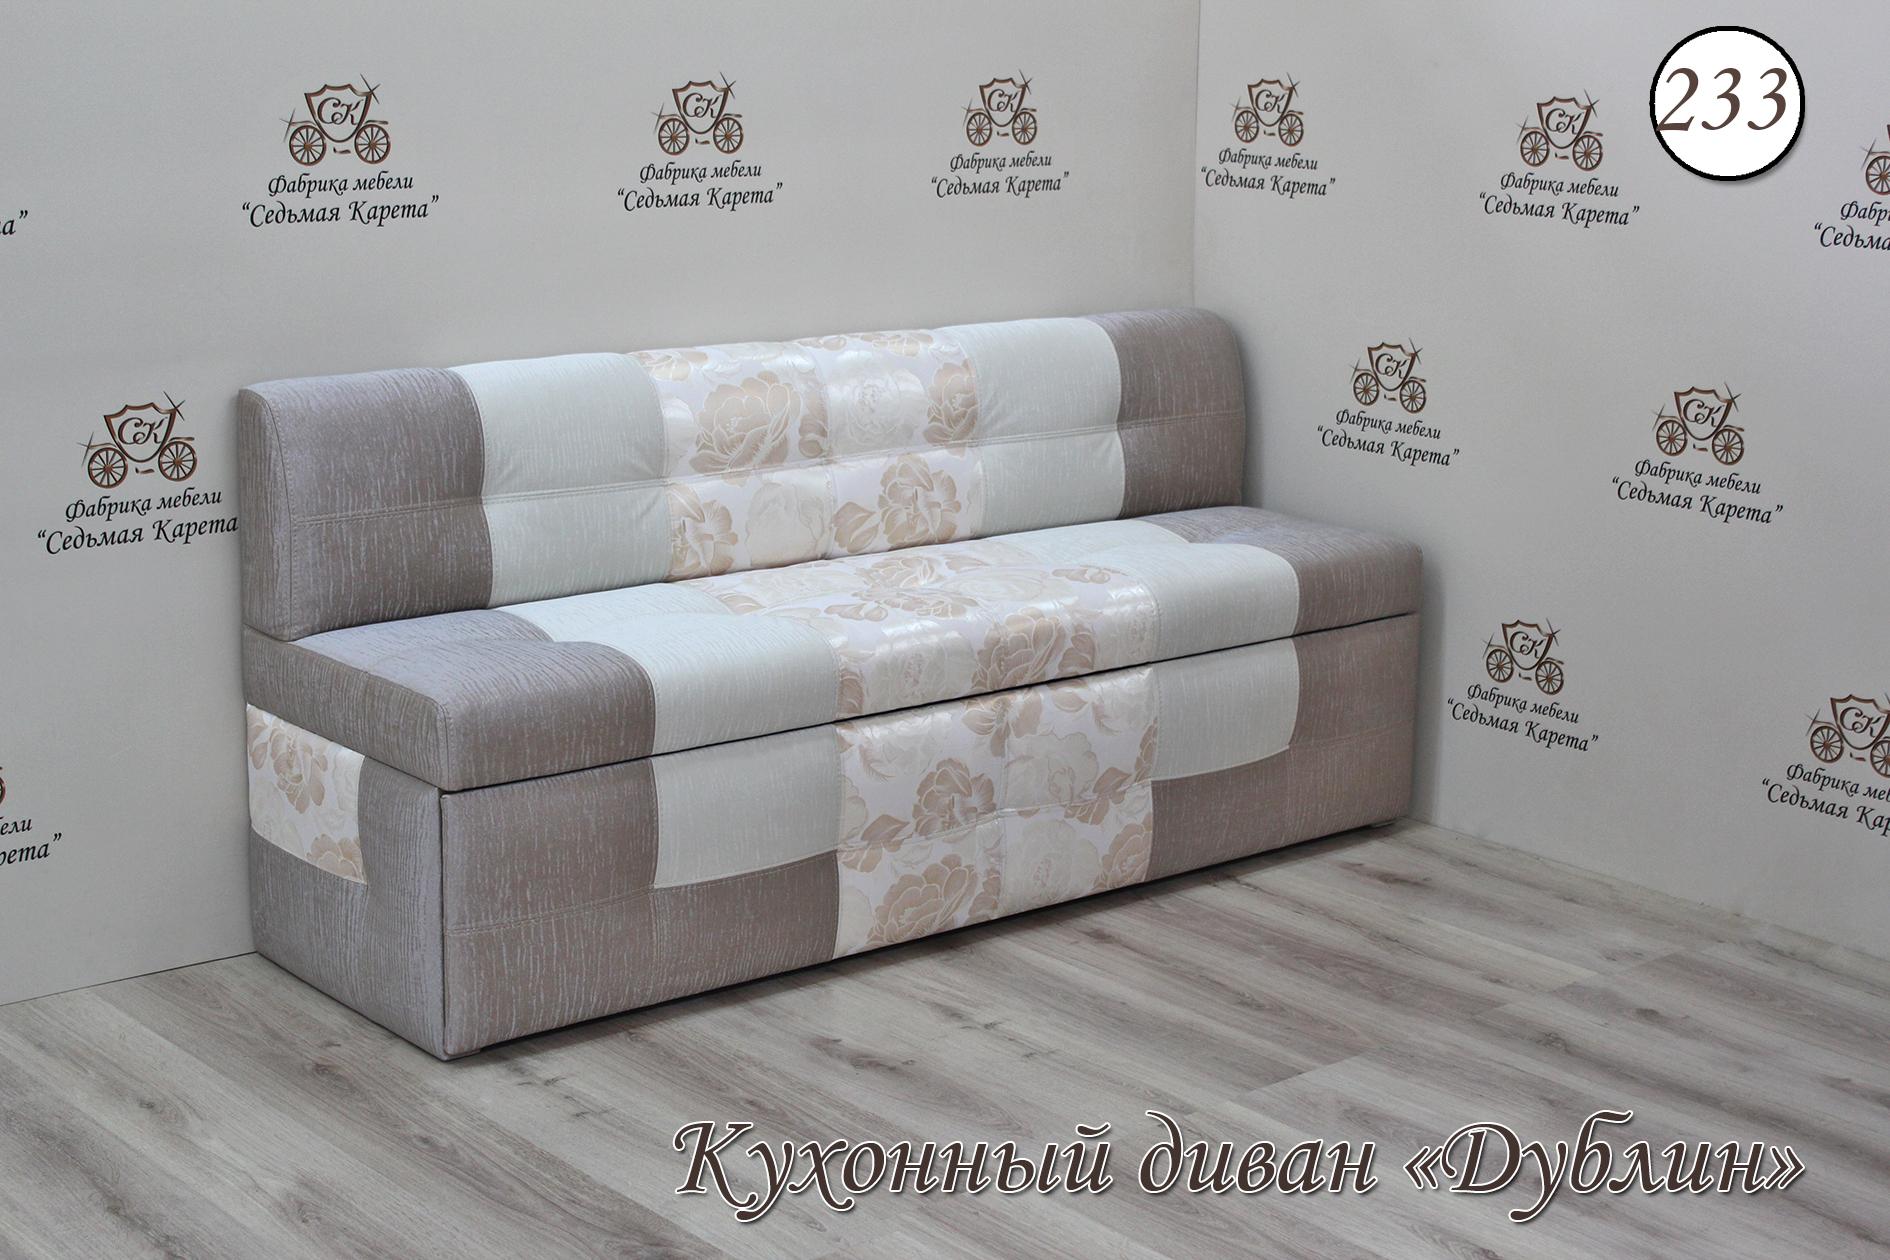 Кухонный диван Дублин-233 фото